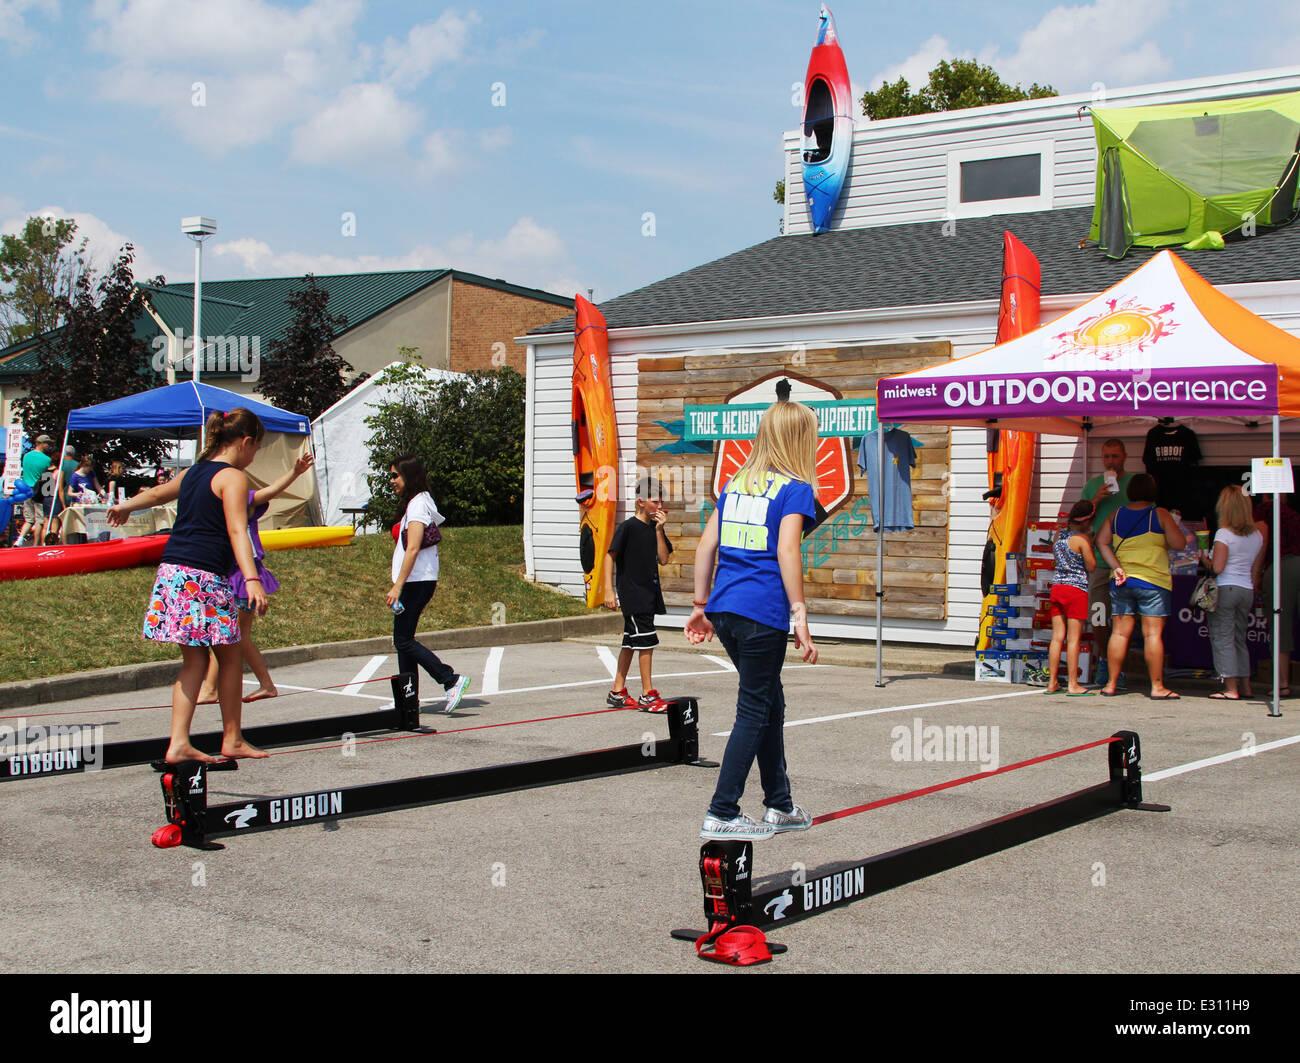 Teen girls trying a Gibbon brand Slack Line. Beavercreek Popcorn Festival, Beavercreek, Dayton, Ohio, USA. - Stock Image